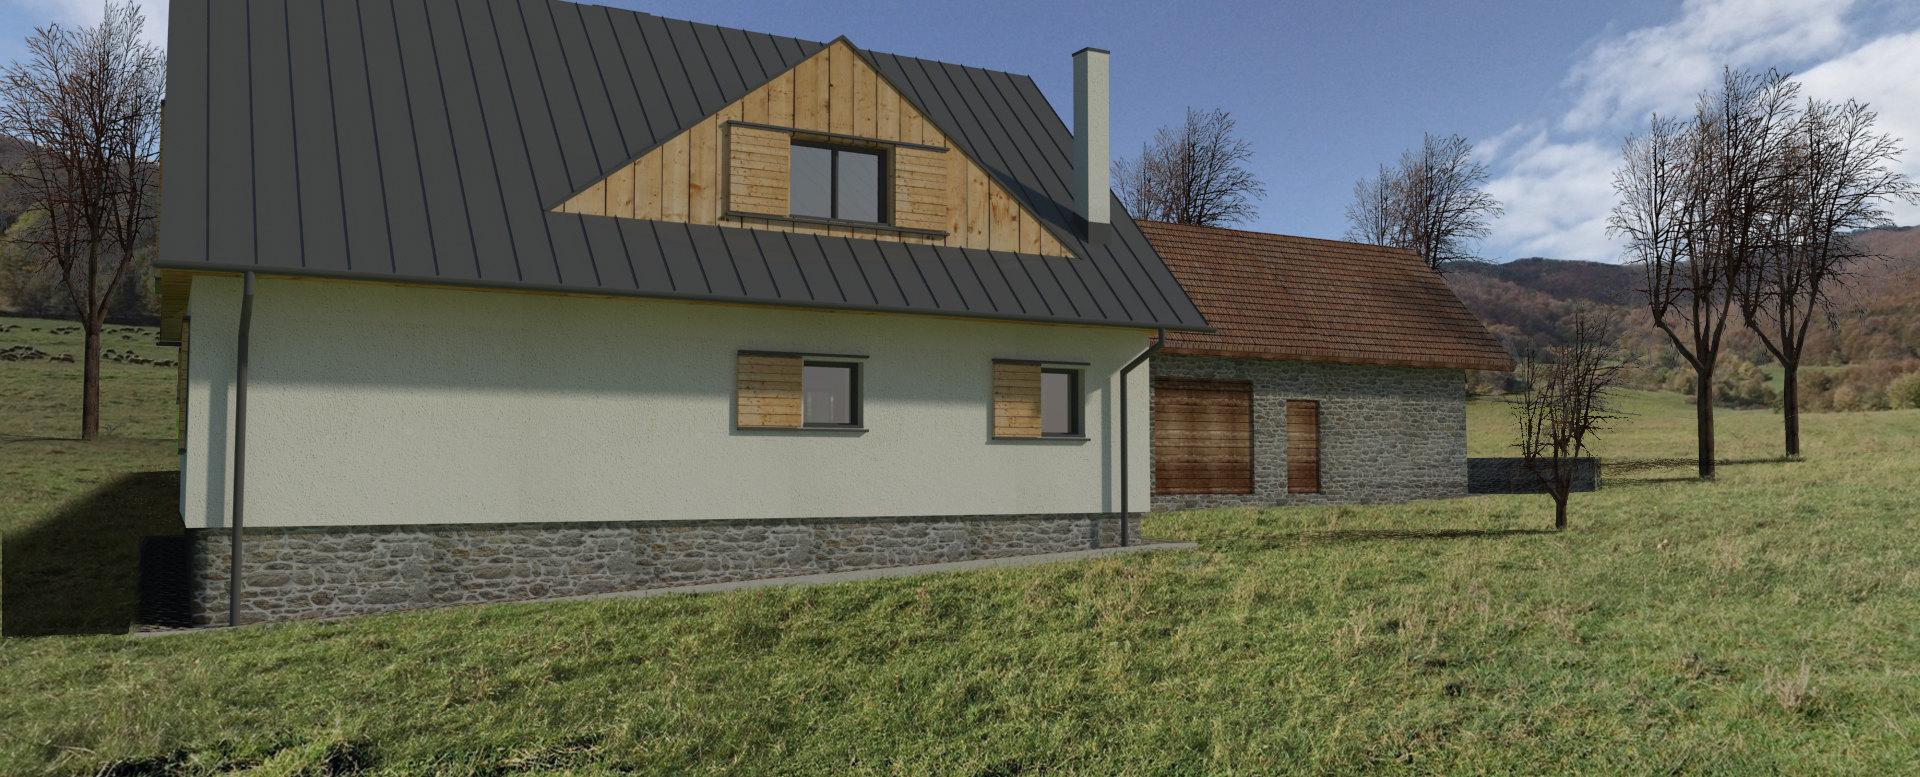 Vizualizácia rodinného domu 2